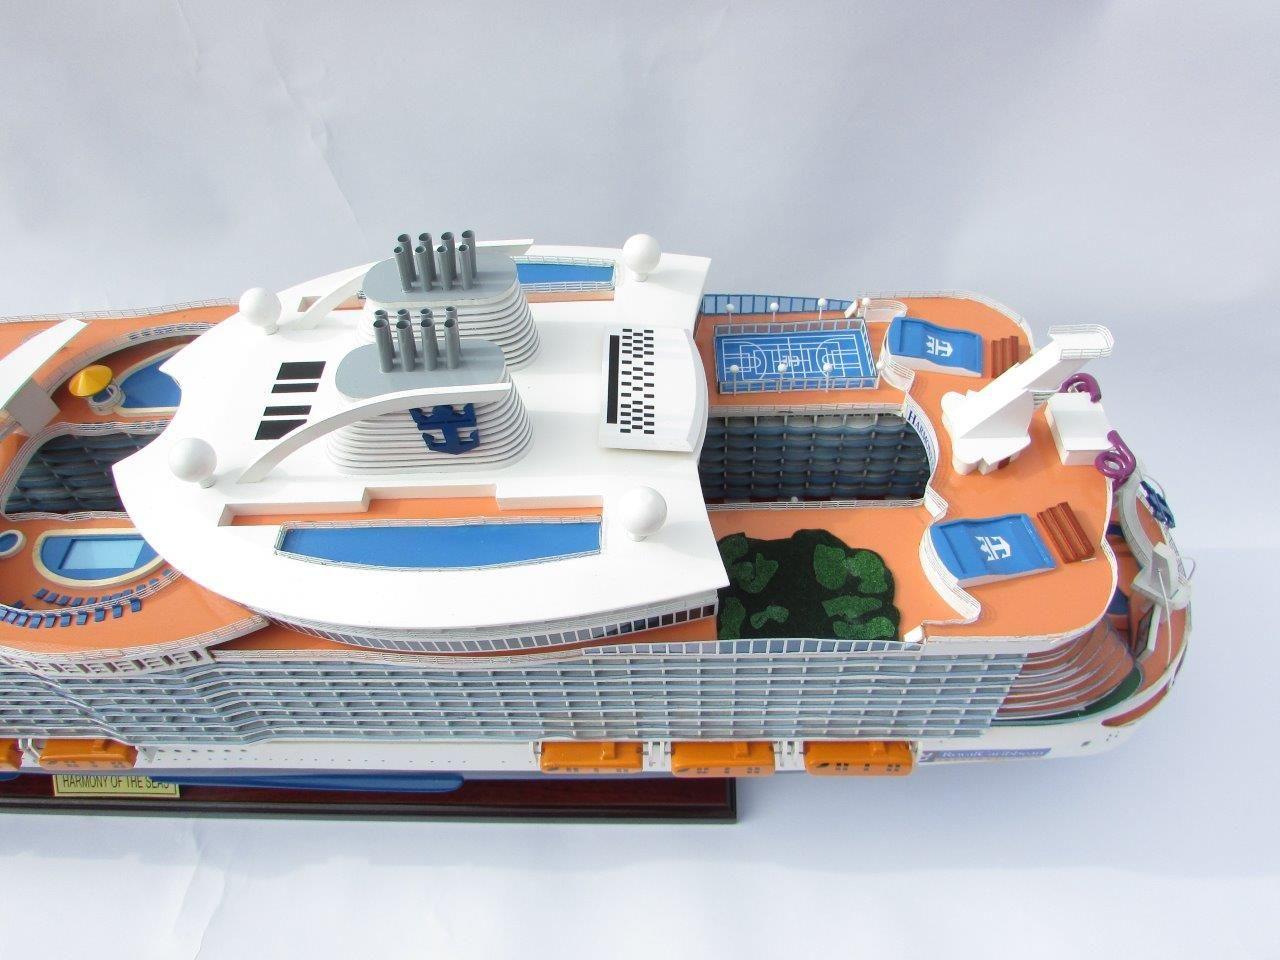 1784-10033-Harmony-of-the-Seas-Model-Ship